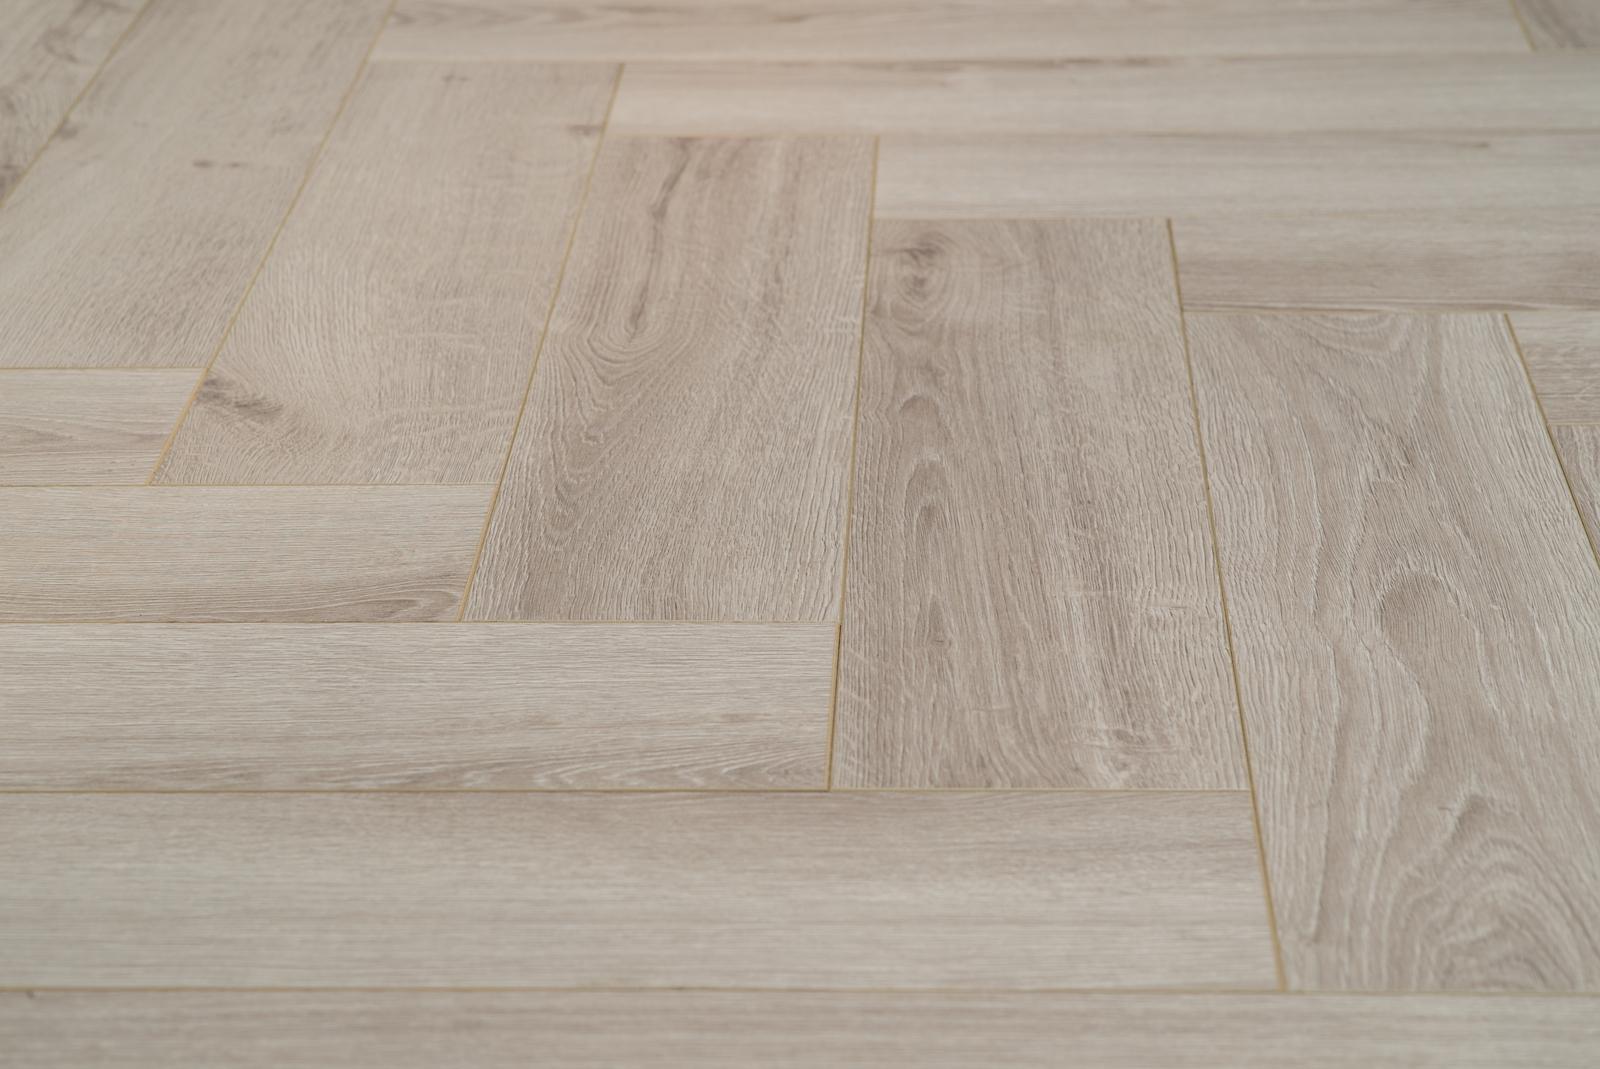 Laminaat Visgraat Leggen : Floer laminaat den haag grey wash eiken 120 x 19 x 0 7 cm vloer